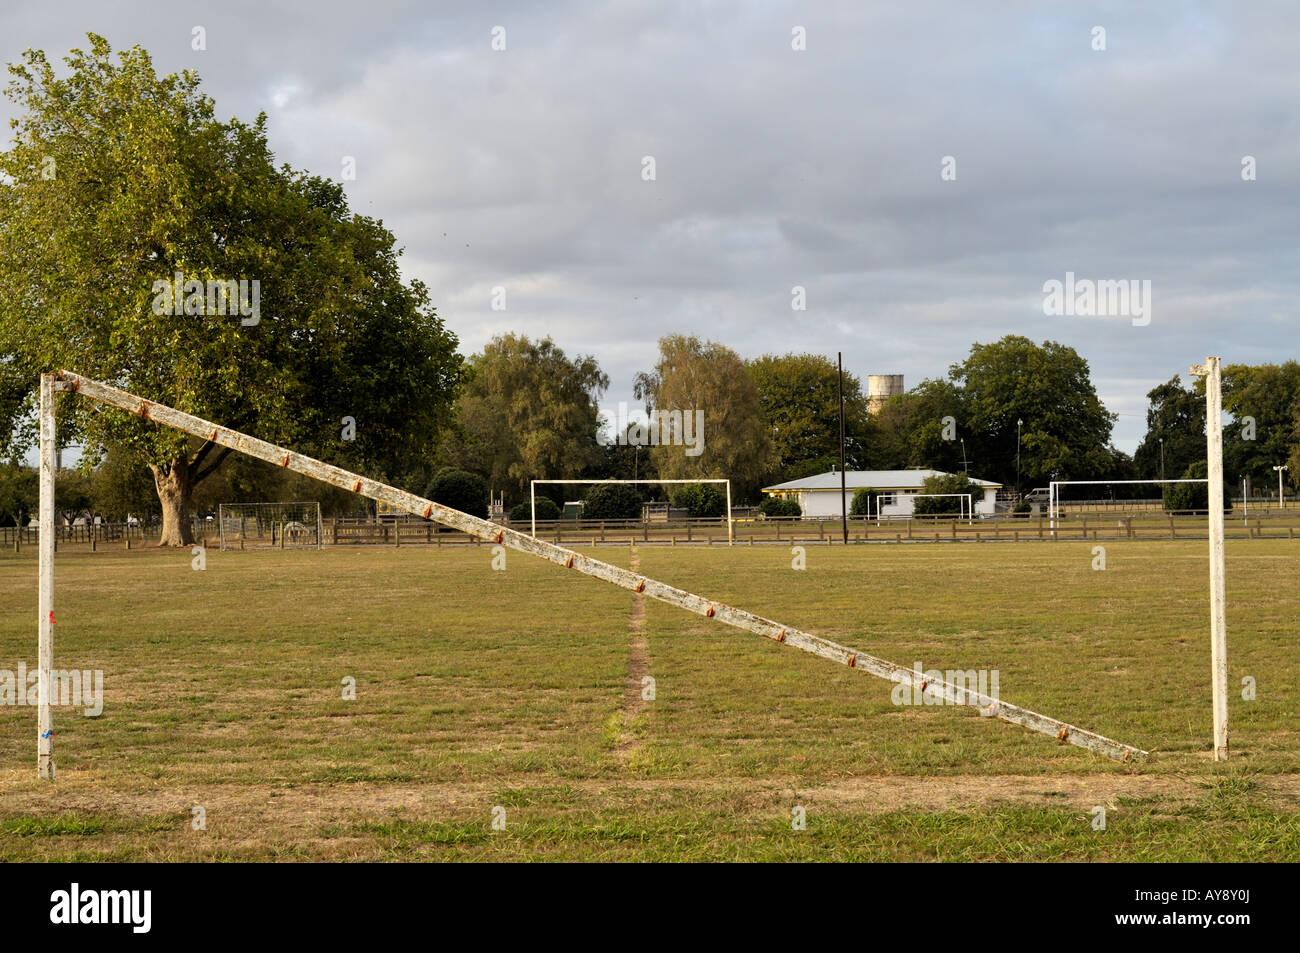 goal post on empty football stock photos u0026 goal post on empty